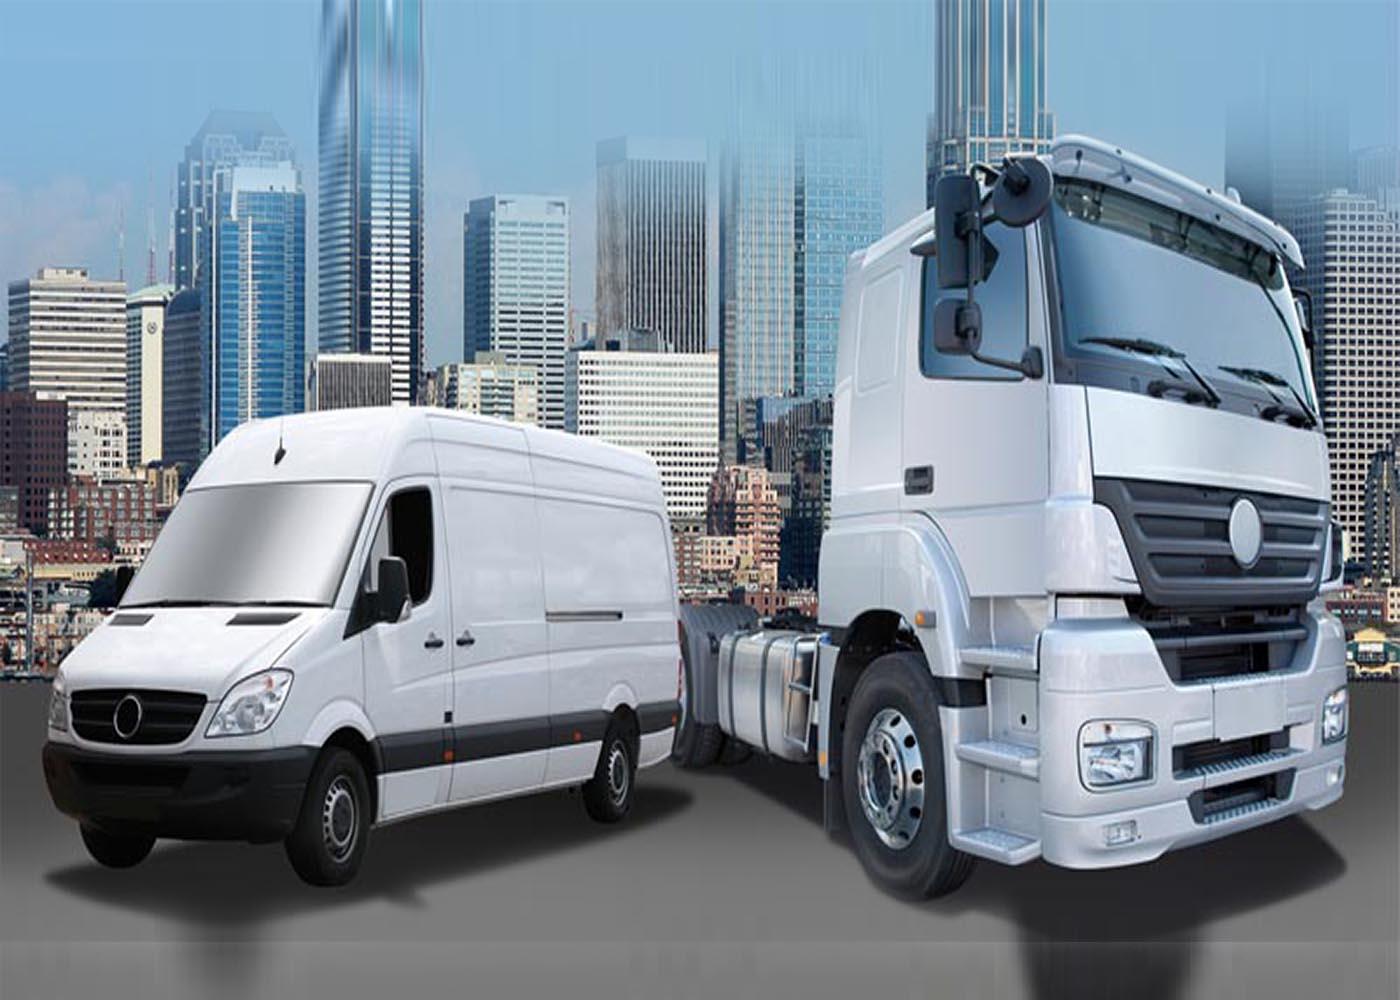 Truck and Fleet